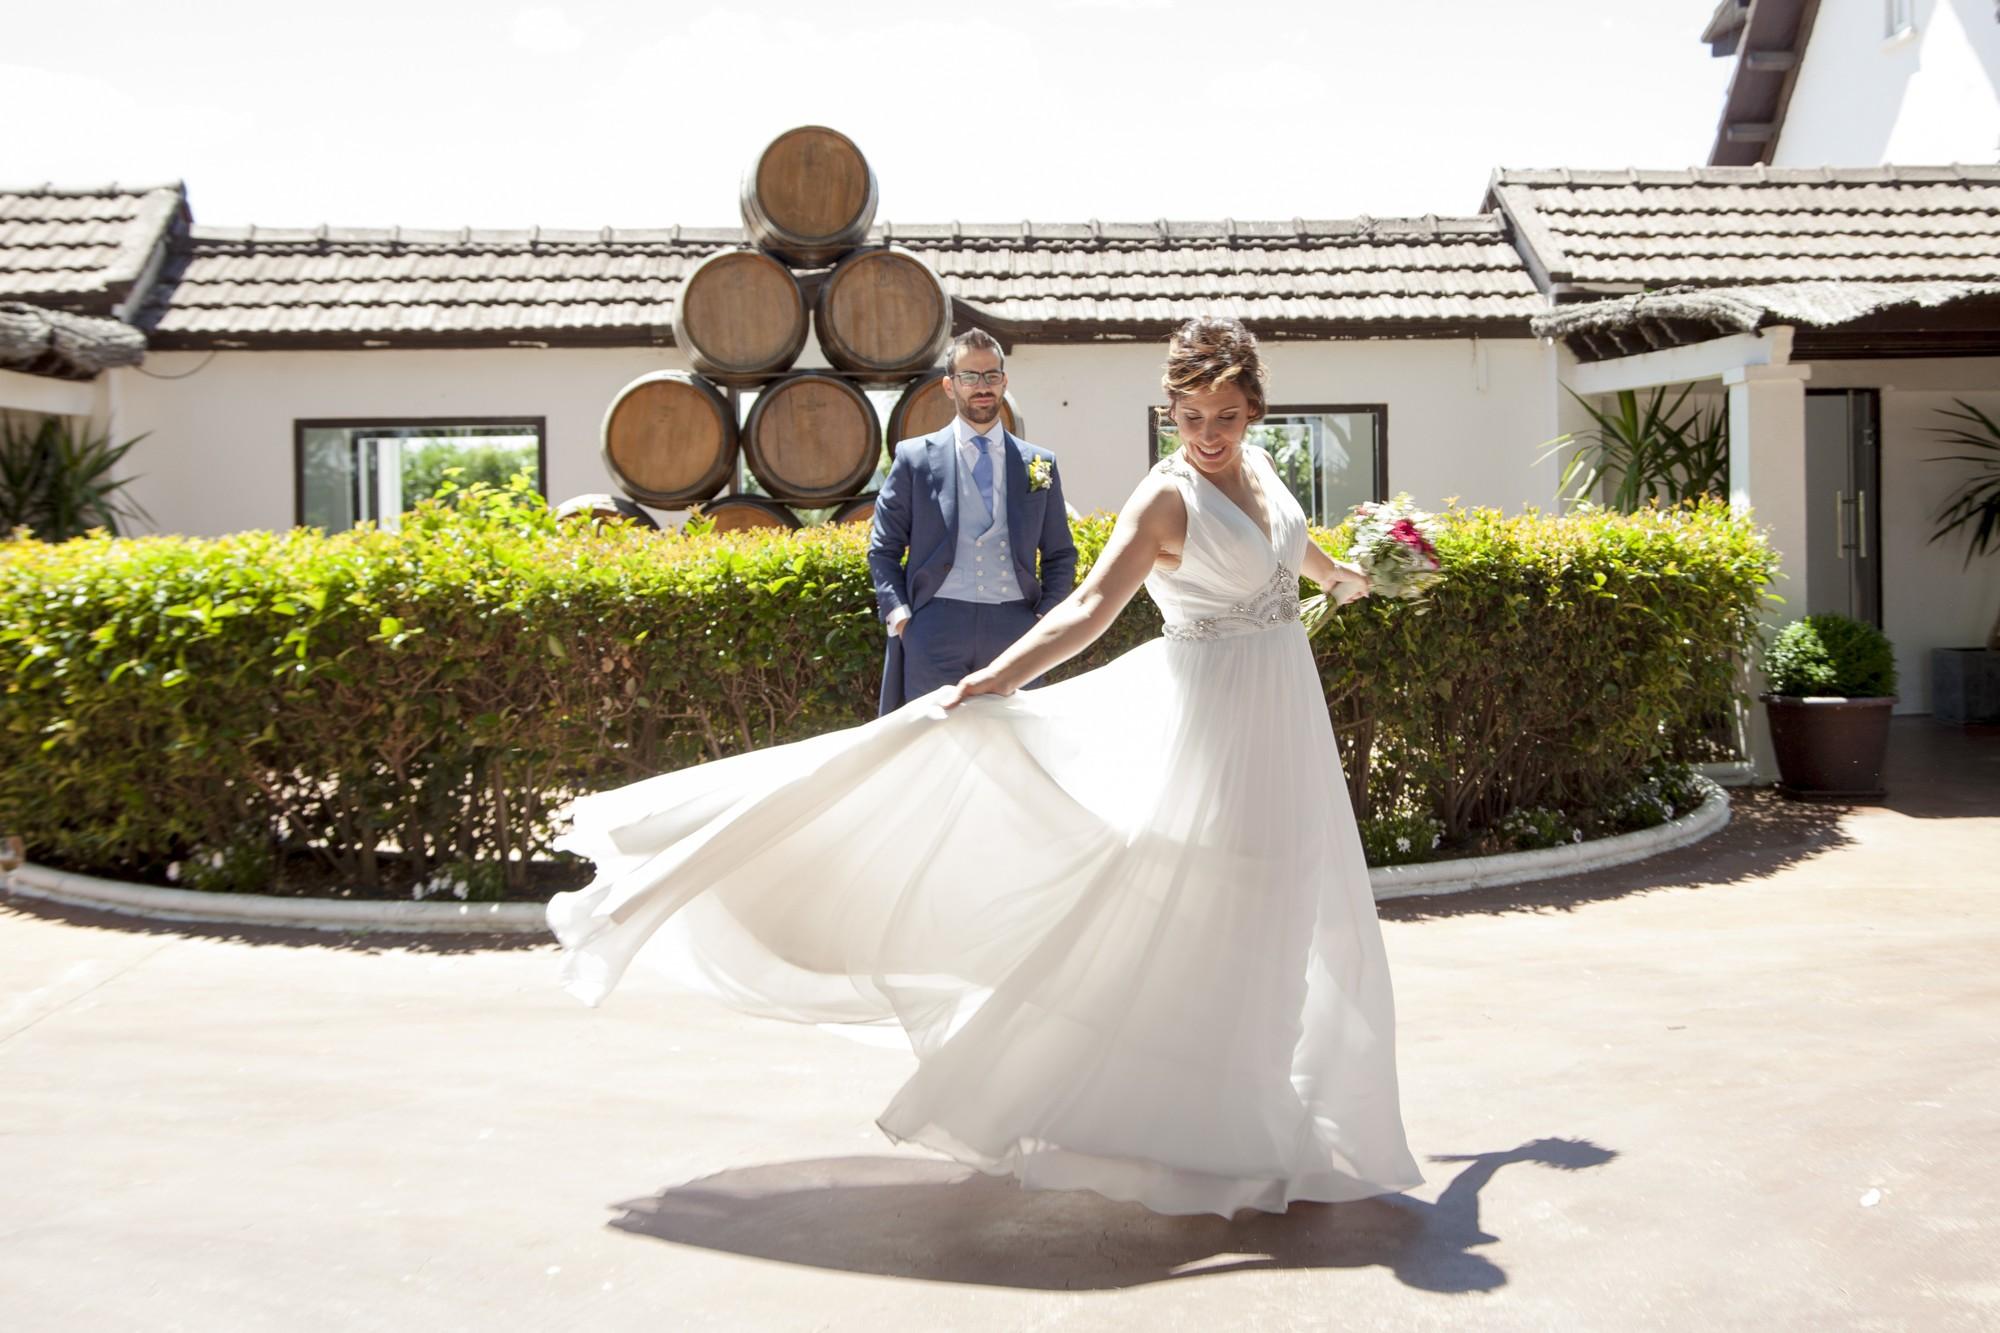 fotografos boda madrid inbodas (6)